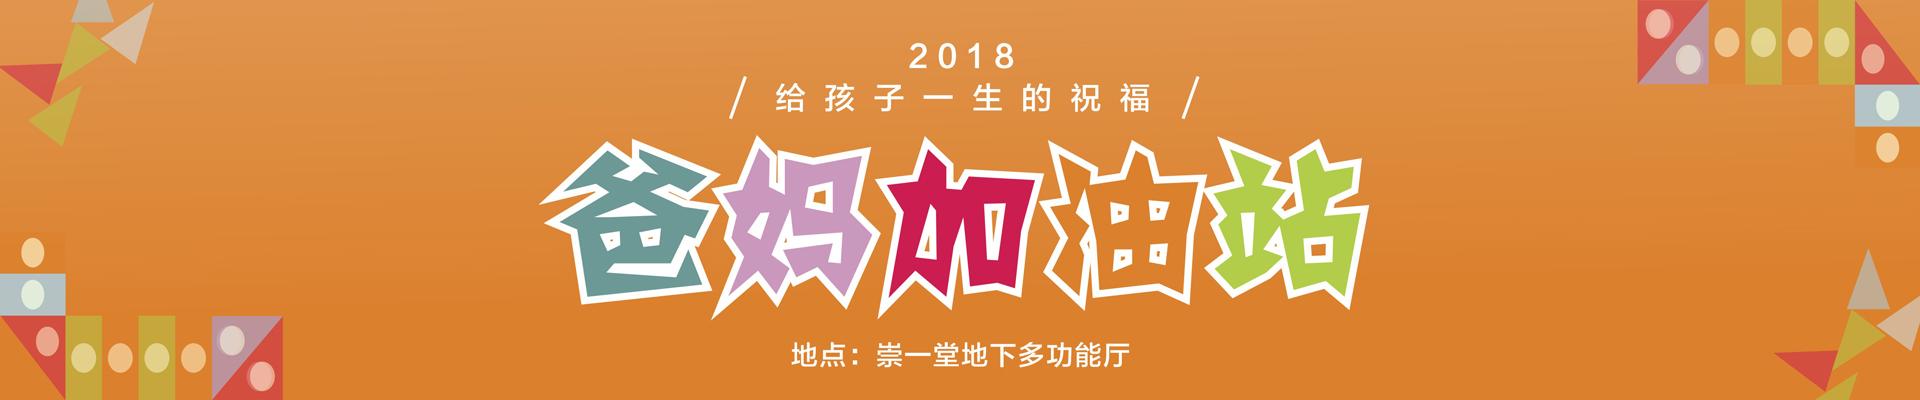 """崇一堂2018年亲子事工""""爸妈加油站""""课程"""